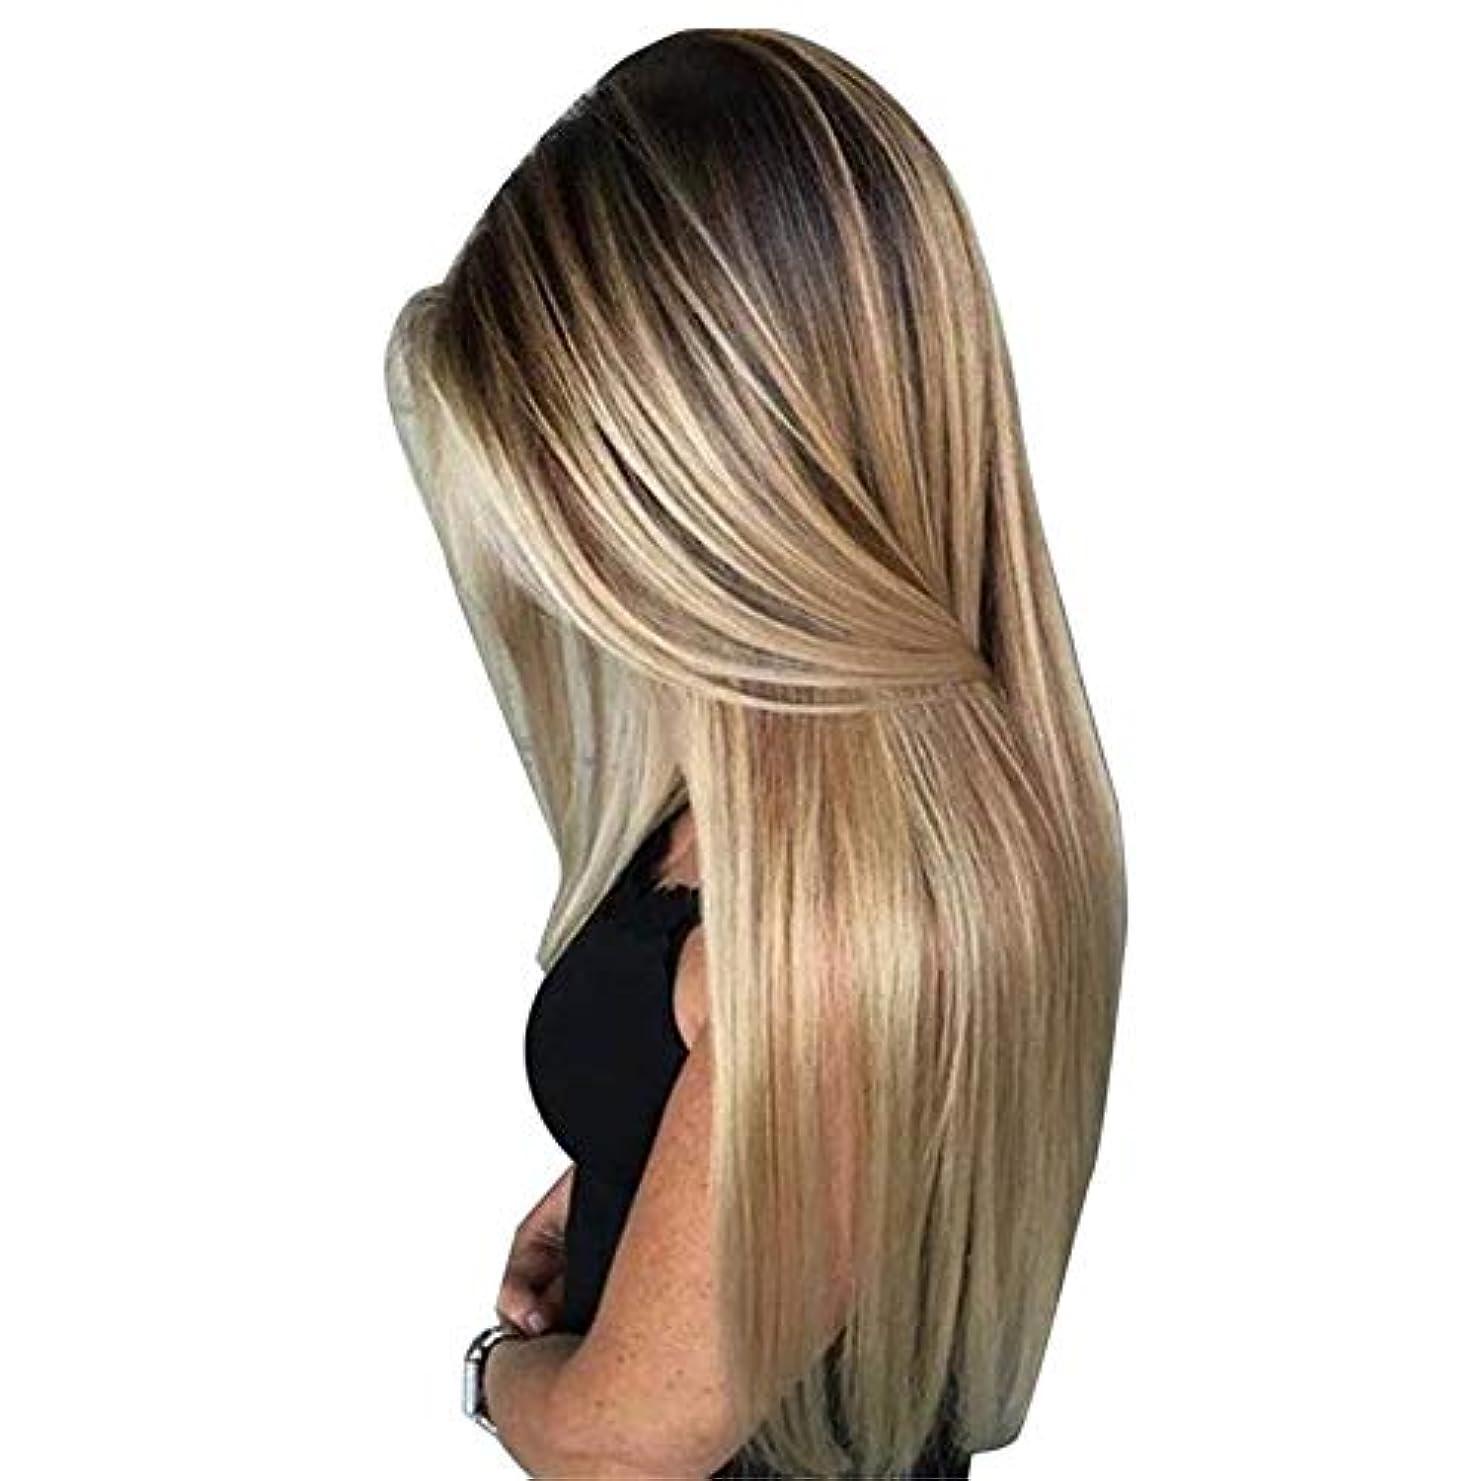 ガラガラ環境に優しい冊子BULemonロングストレートヘア高温シルクウィッグブロンドの人工毛ウィッグレディースロングストレートヘアウィッグ